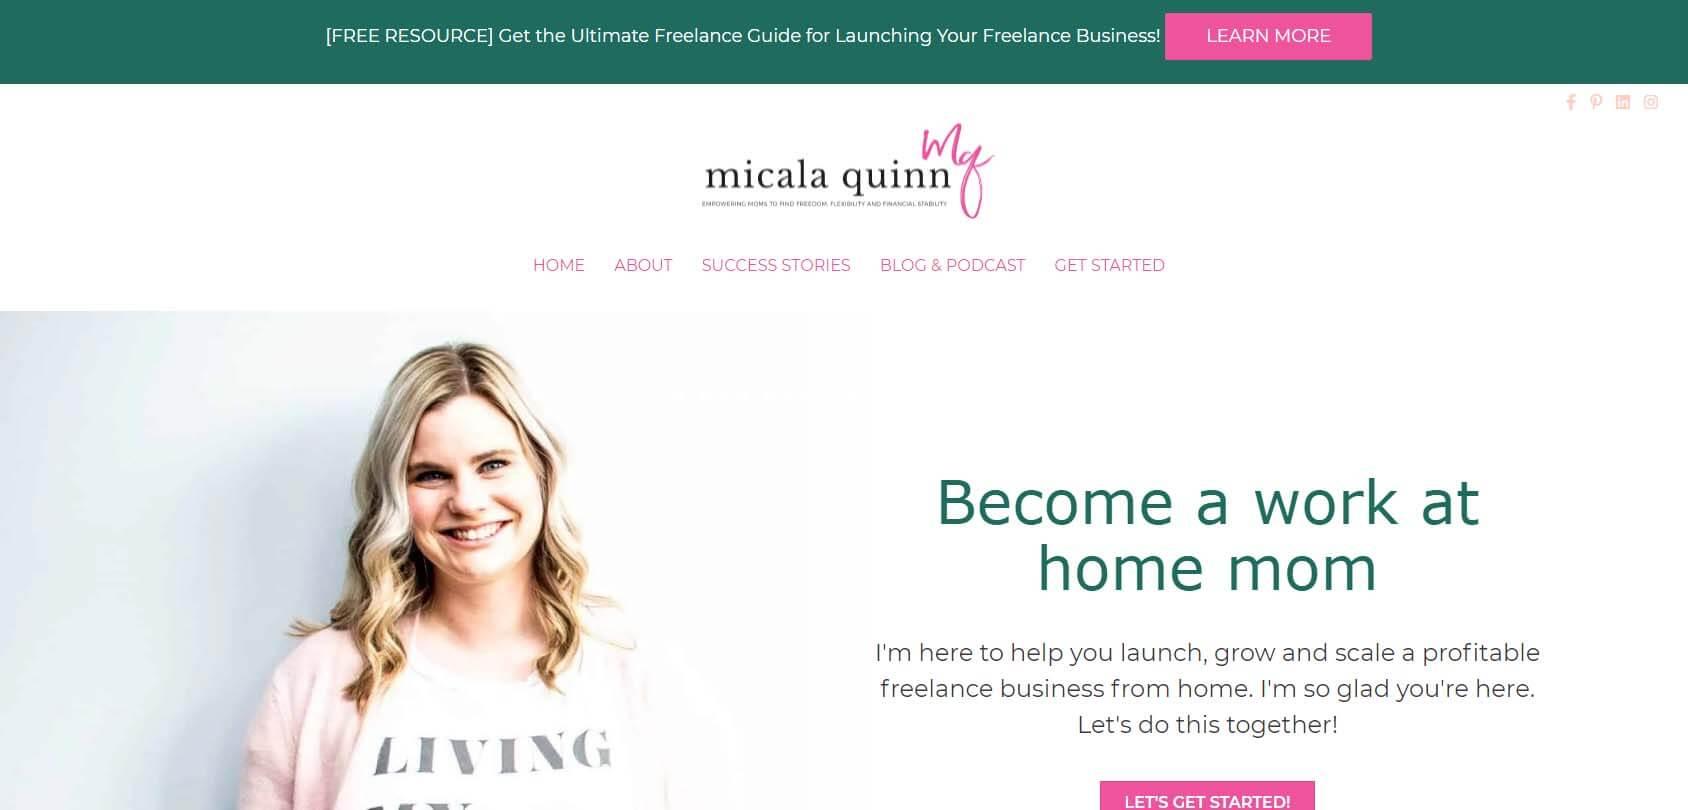 Micala Quinn Homepage